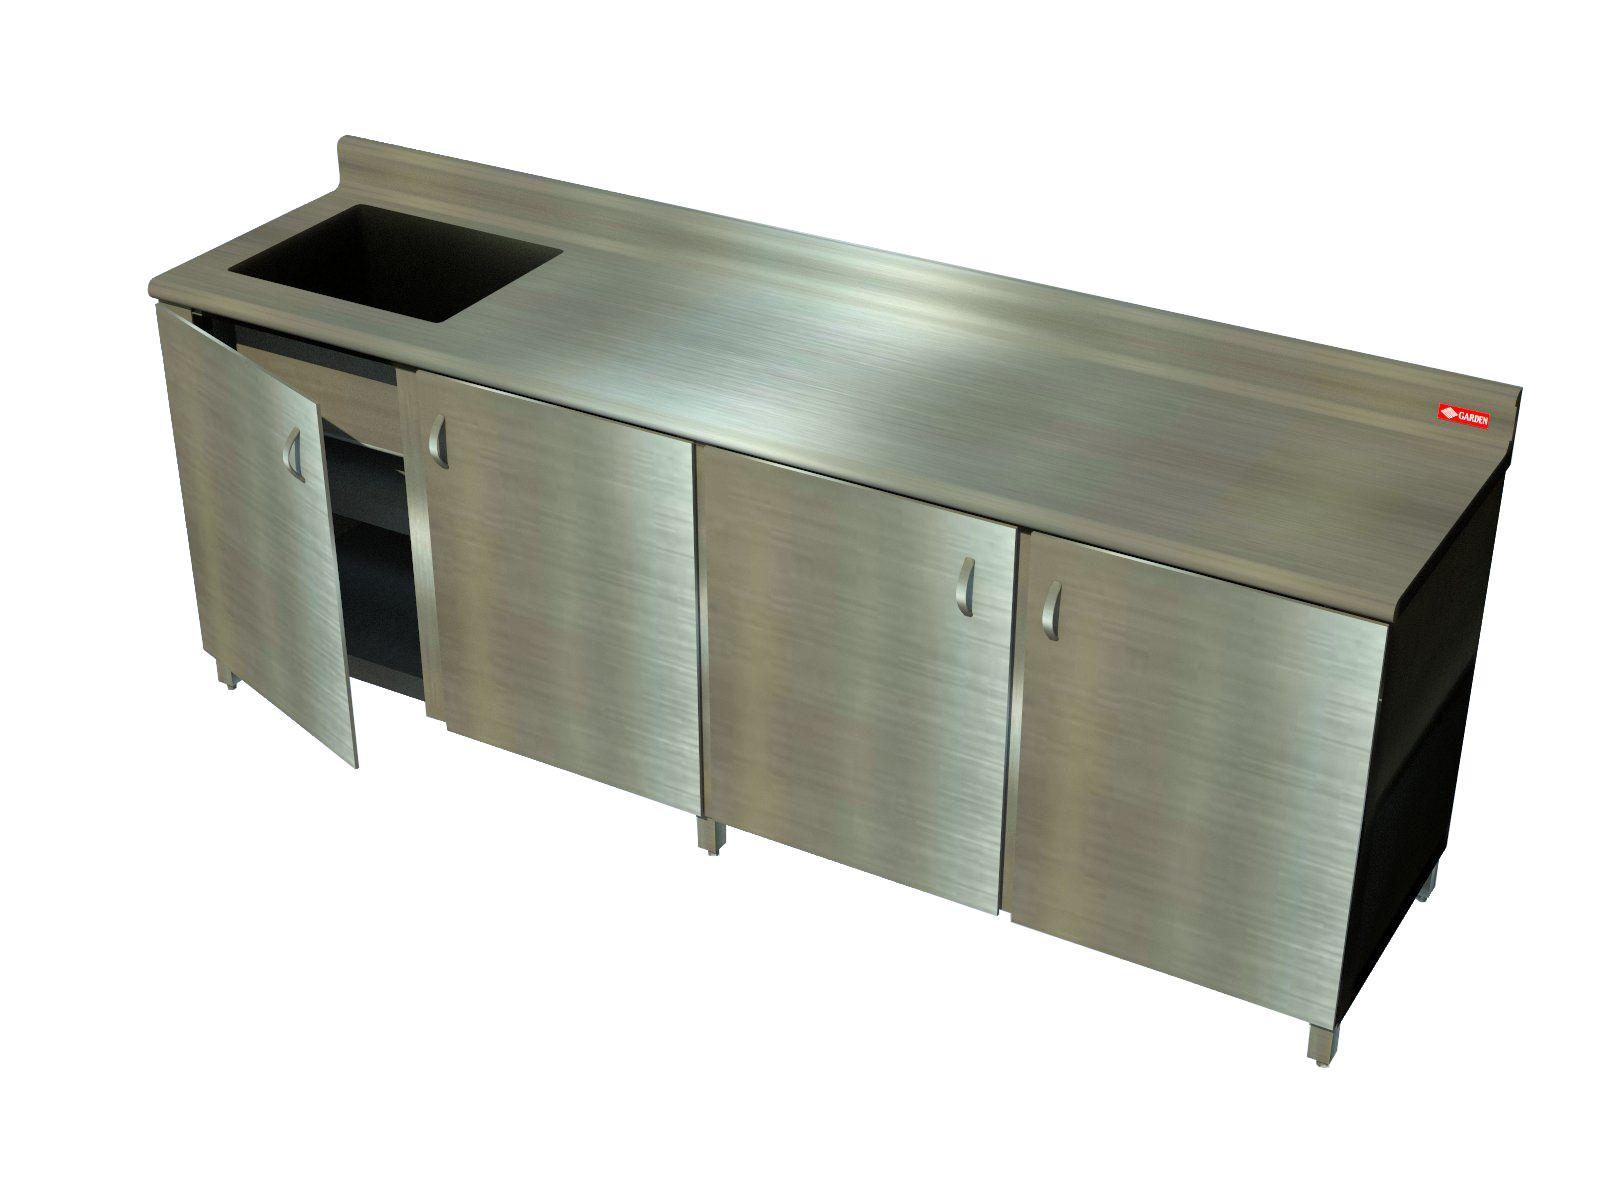 Mueble mu4pb con mesa de trabajo productos garden para uso - Muebles cocina industrial ...